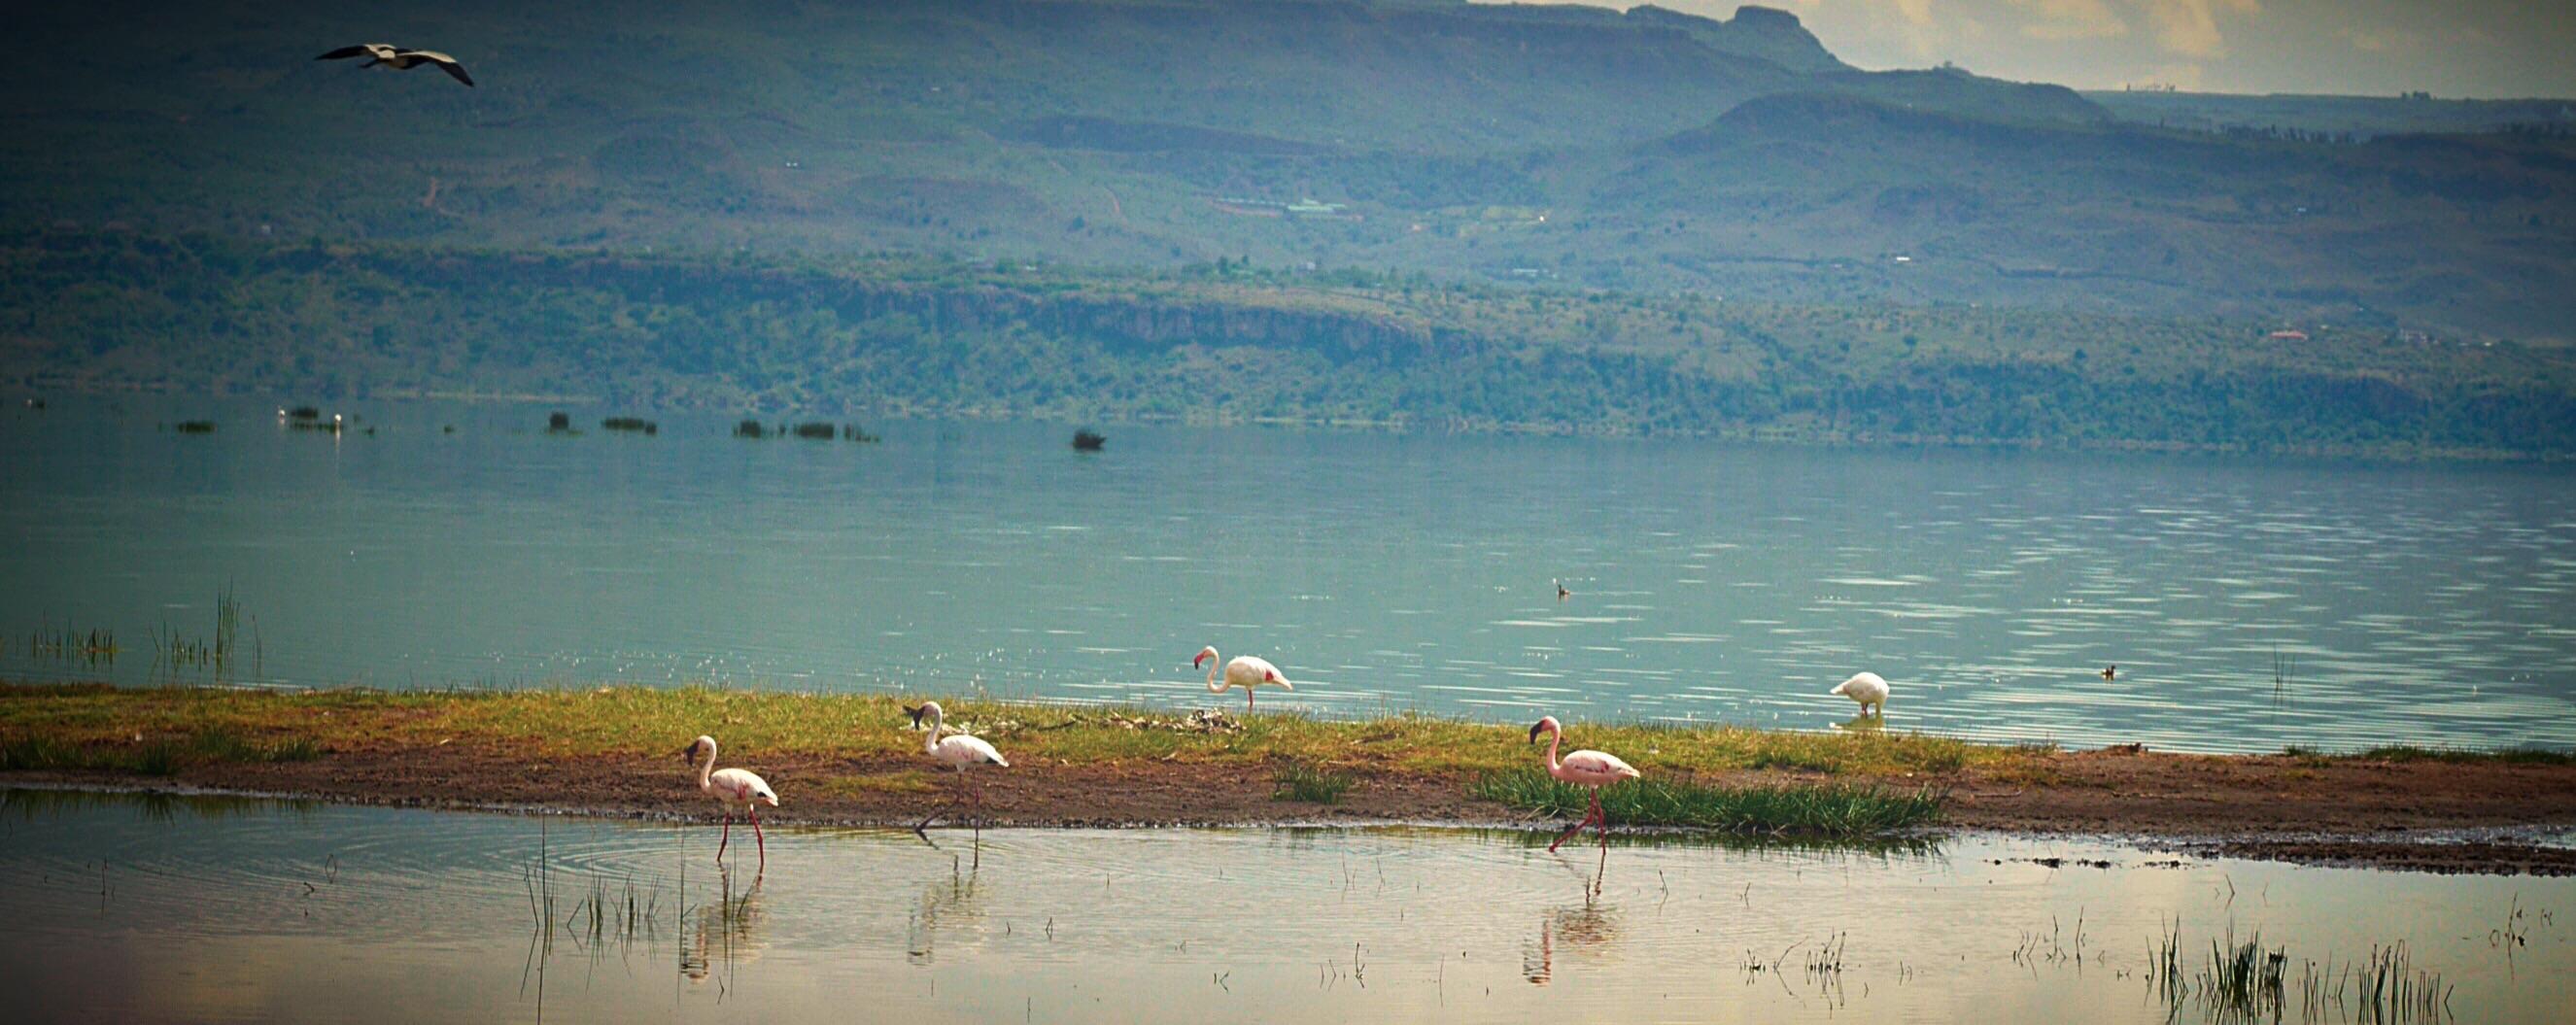 Two types of flamingos at Lake Elmenteita